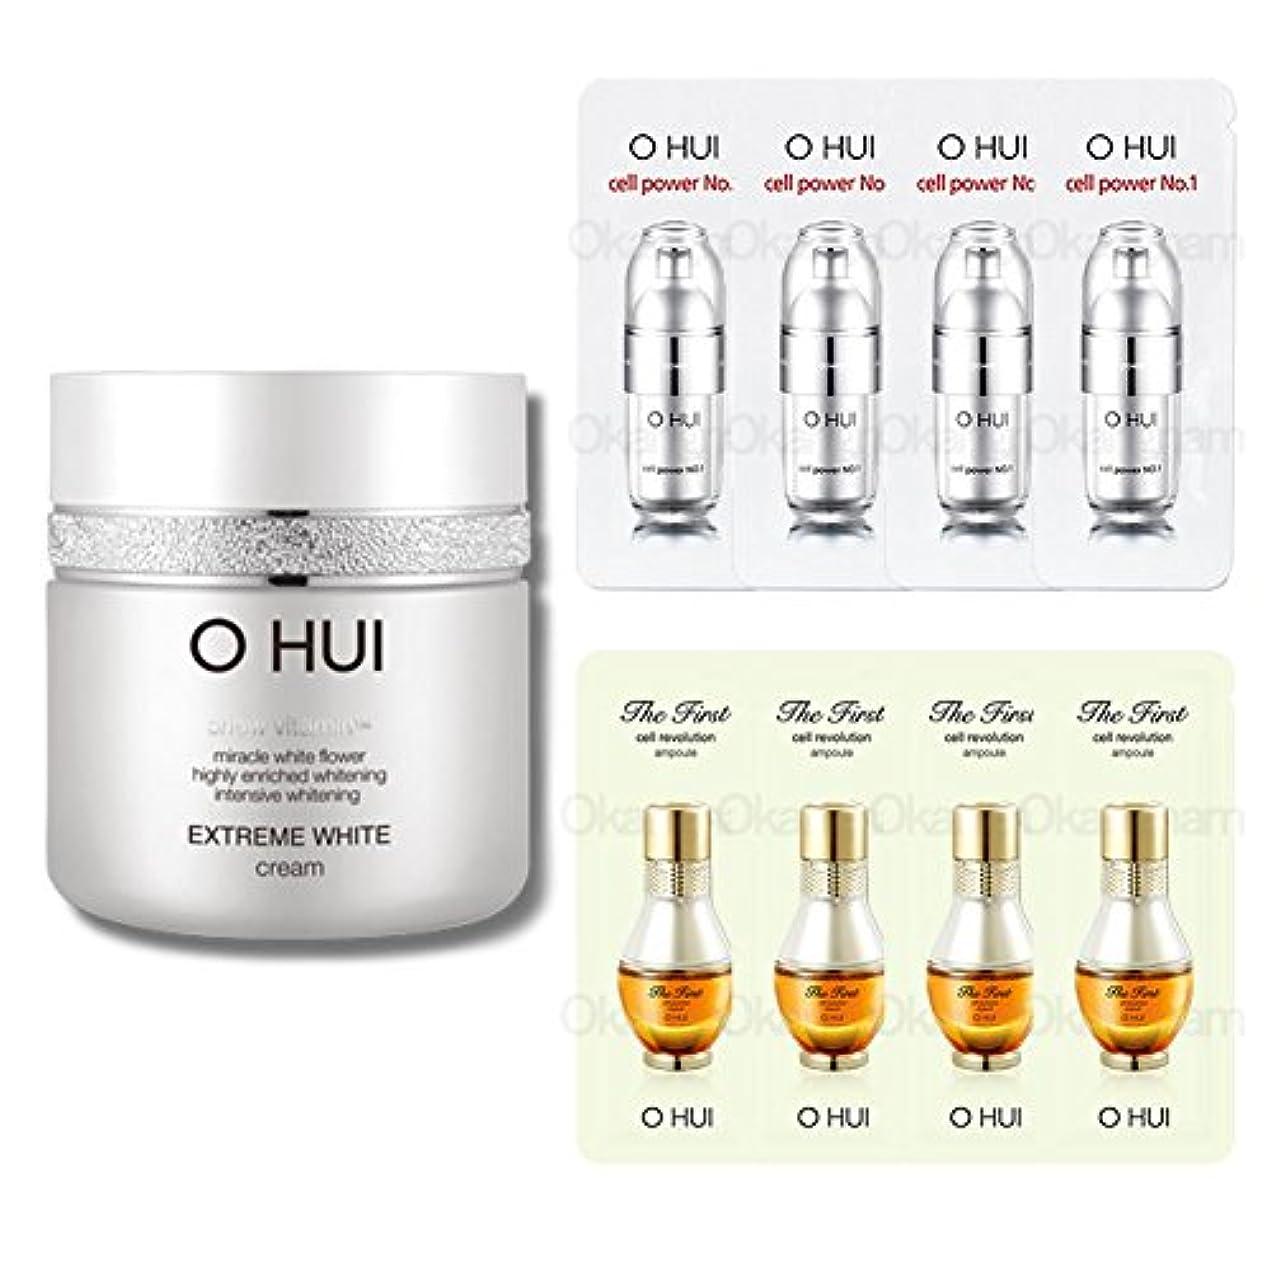 抱擁鉱夫十二[オフィ/ O HUI]韓国化粧品 LG生活健康/ OHUI OEW04 EXTREME WHITE CREAM/オフィ エクストリーム ホワイトクリーム 50ml +[Sample Gift](海外直送品)